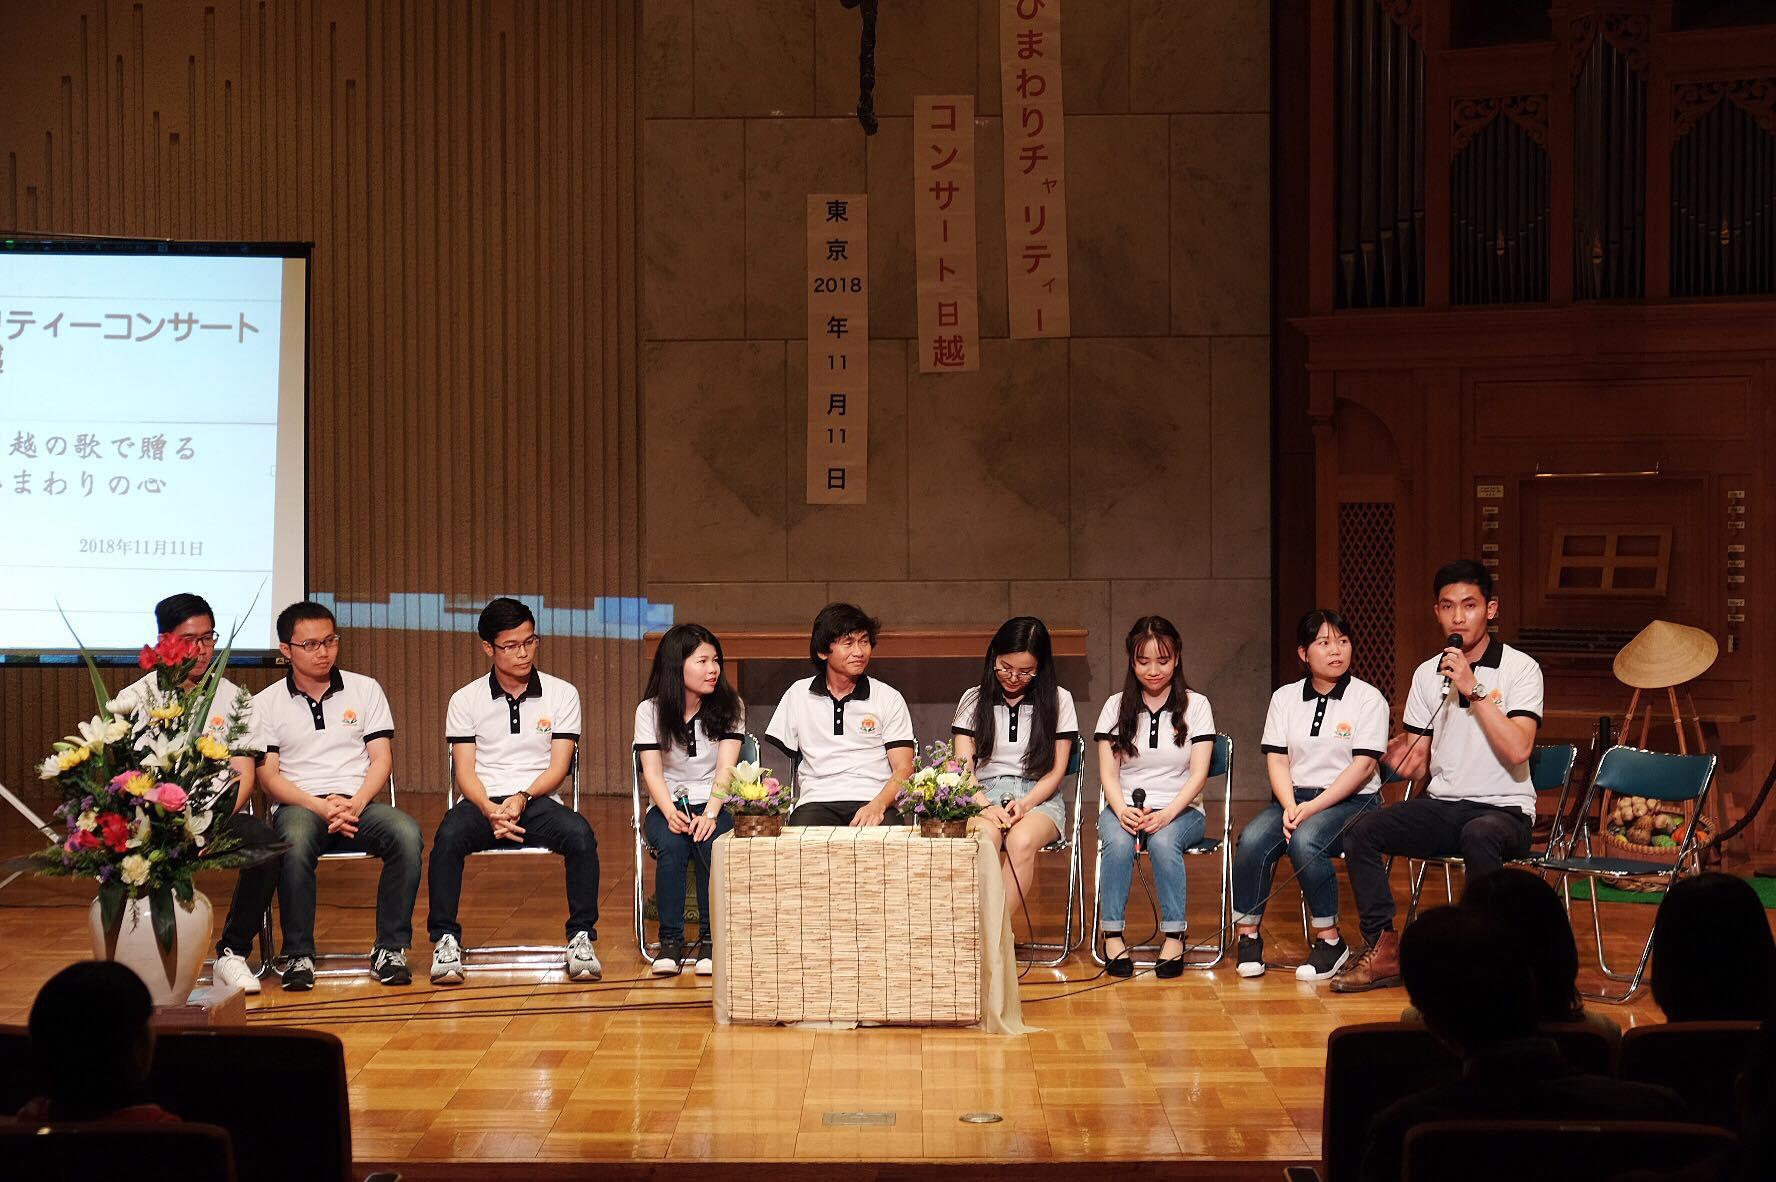 Chàng du học sinh Nhật mang di ảnh bố mẹ đi khắp thế gian: Ba má ơi, mình đi đâu tiếp? - Ảnh 6.